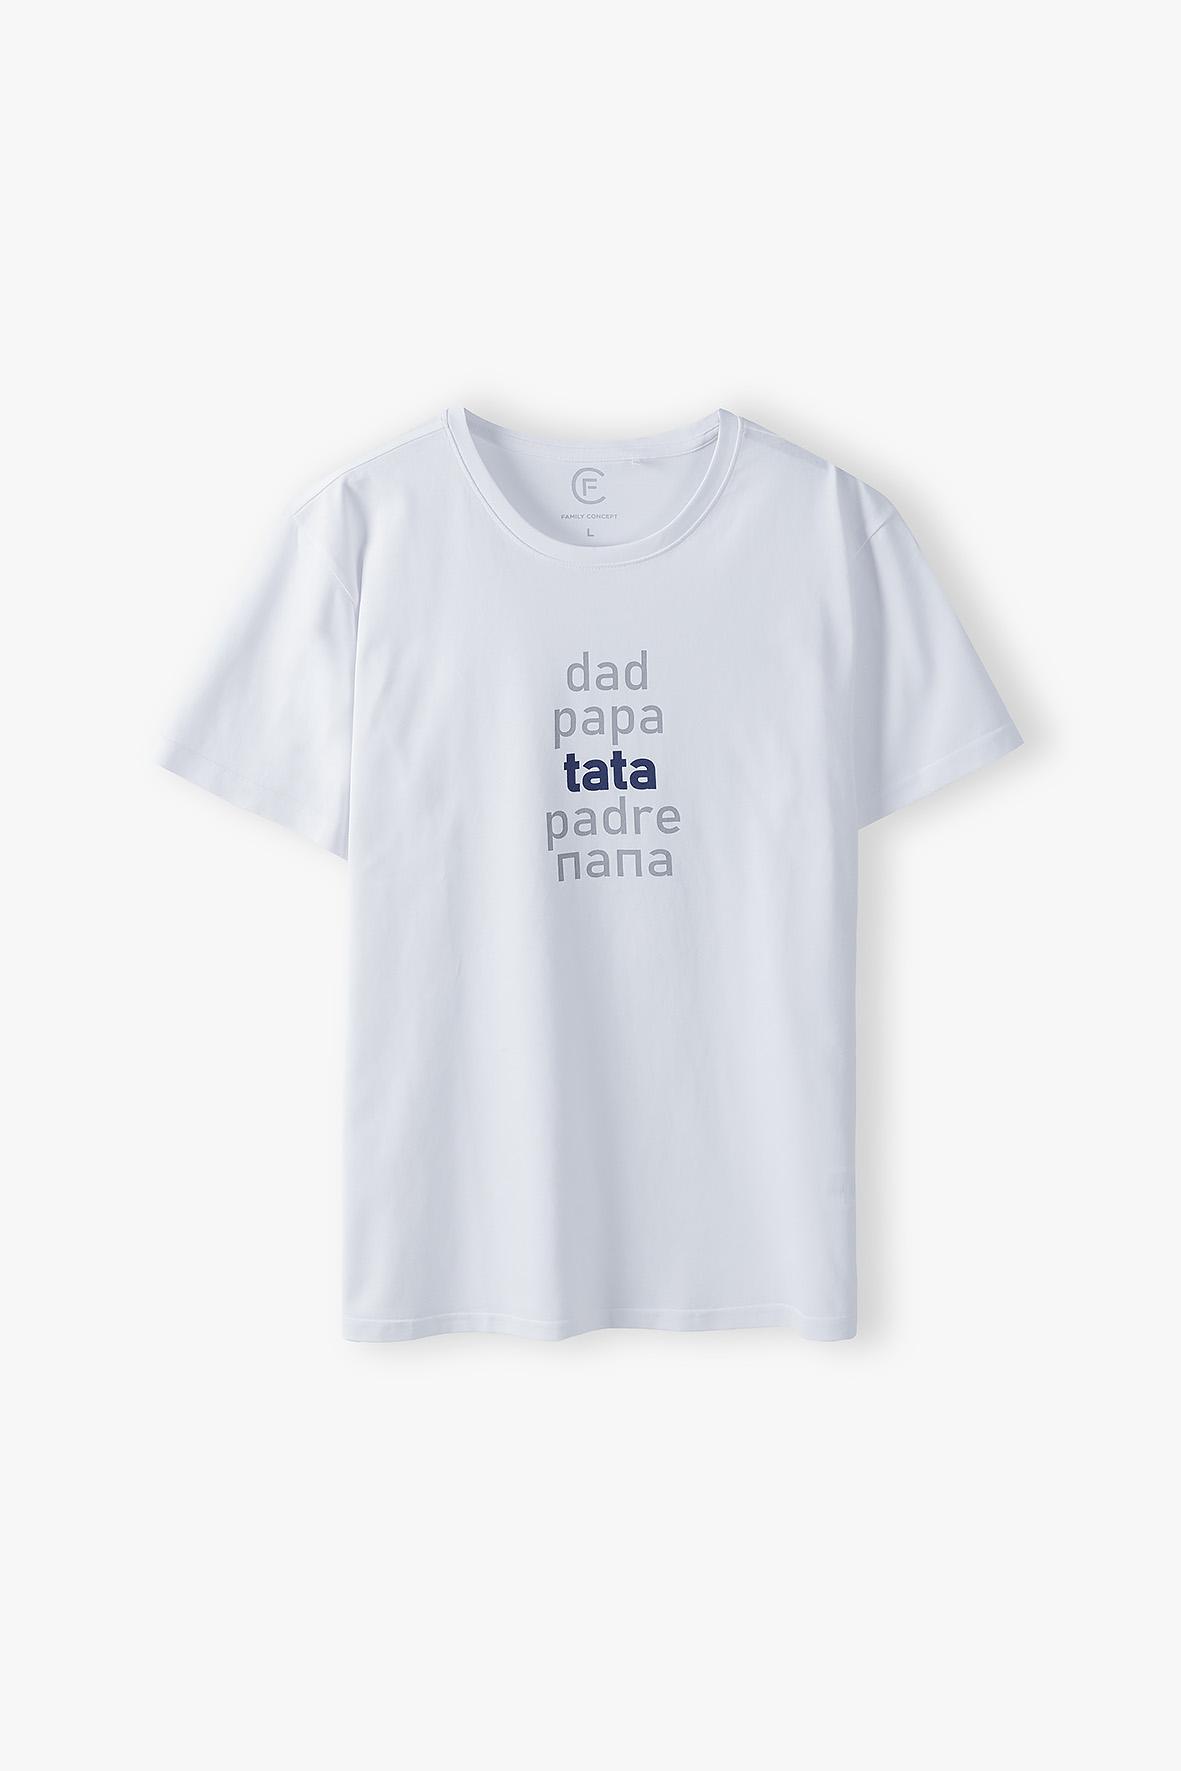 T-shirt dla mężczyzny Tata 7I4001